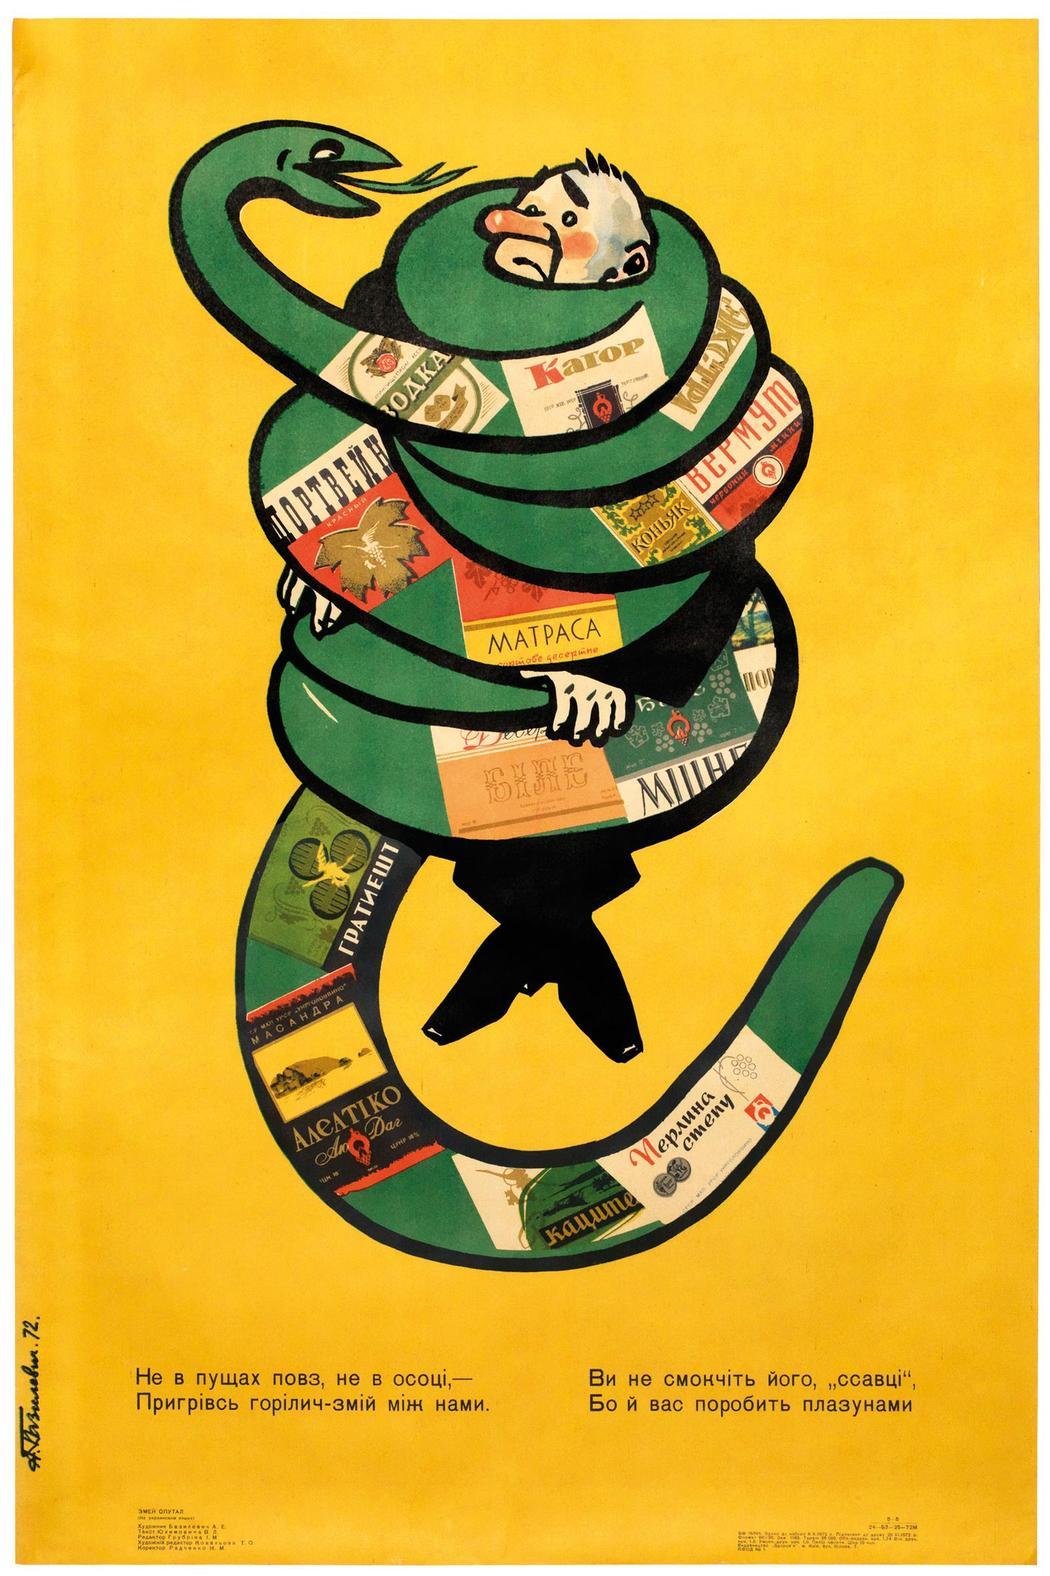 """""""Не по дърветата и в тревите, змията пропълзя сред нас. Не смучете от нея, бознайници, защото сами ще се превърнете във влечуги"""", А.Е.Базилевич, Украйна, 1972"""